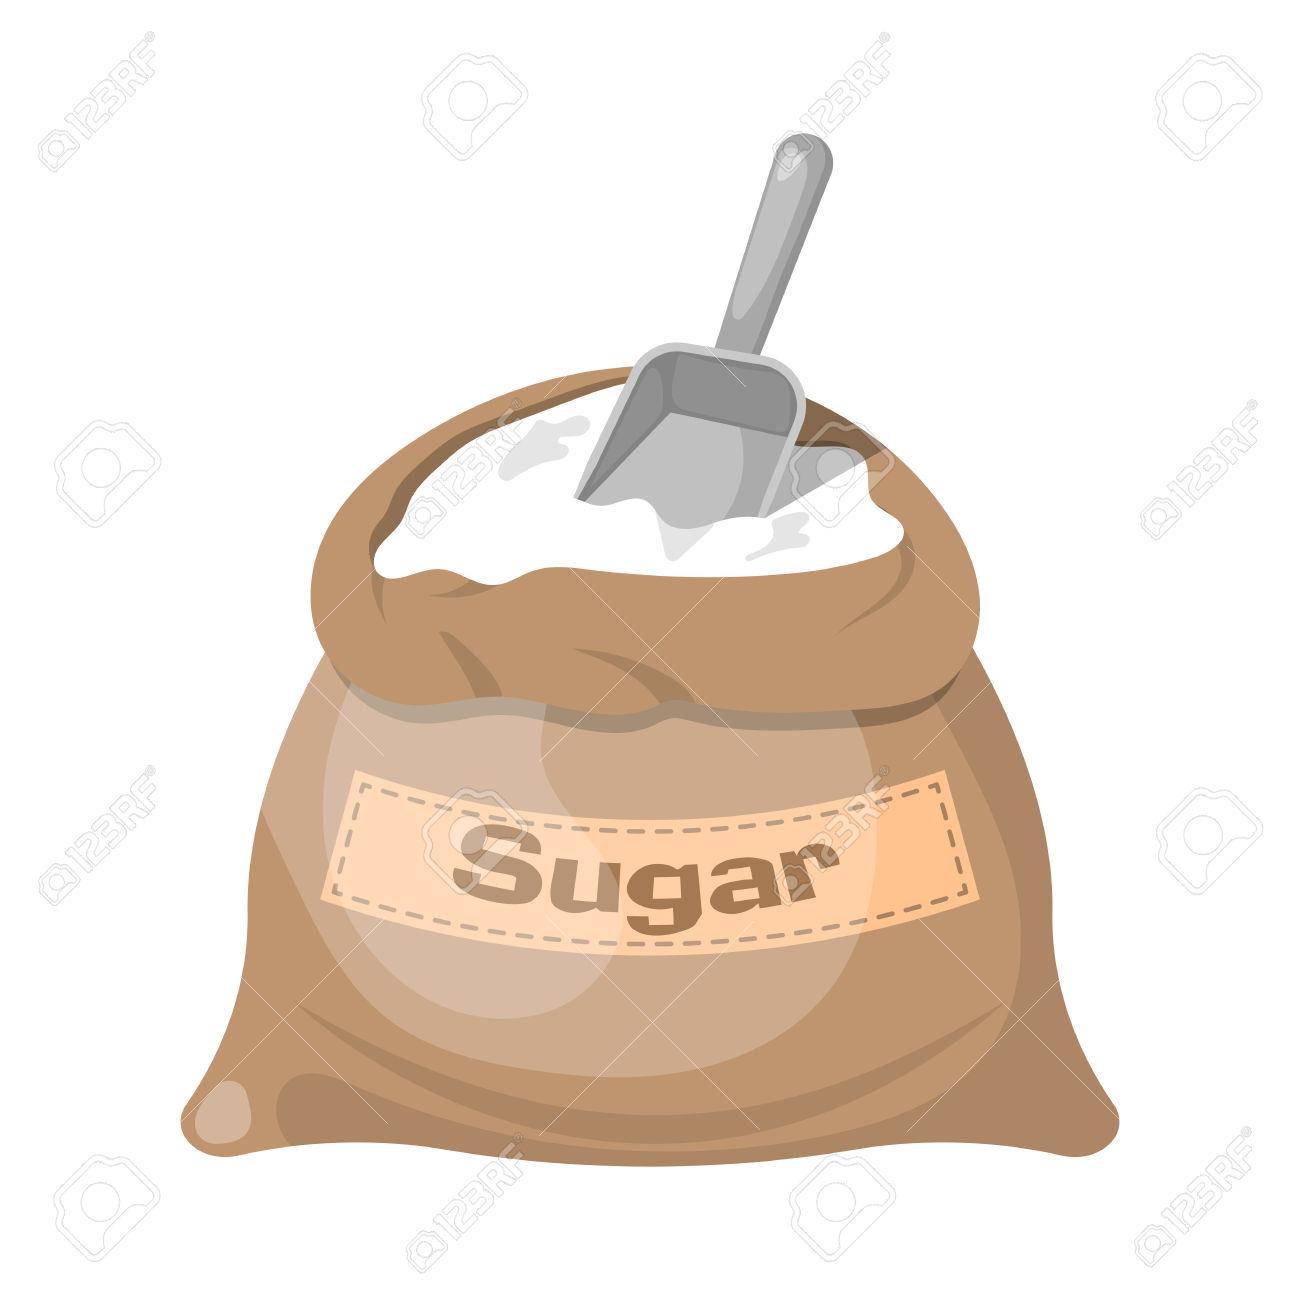 Sugar Vector at GetDrawings.com.